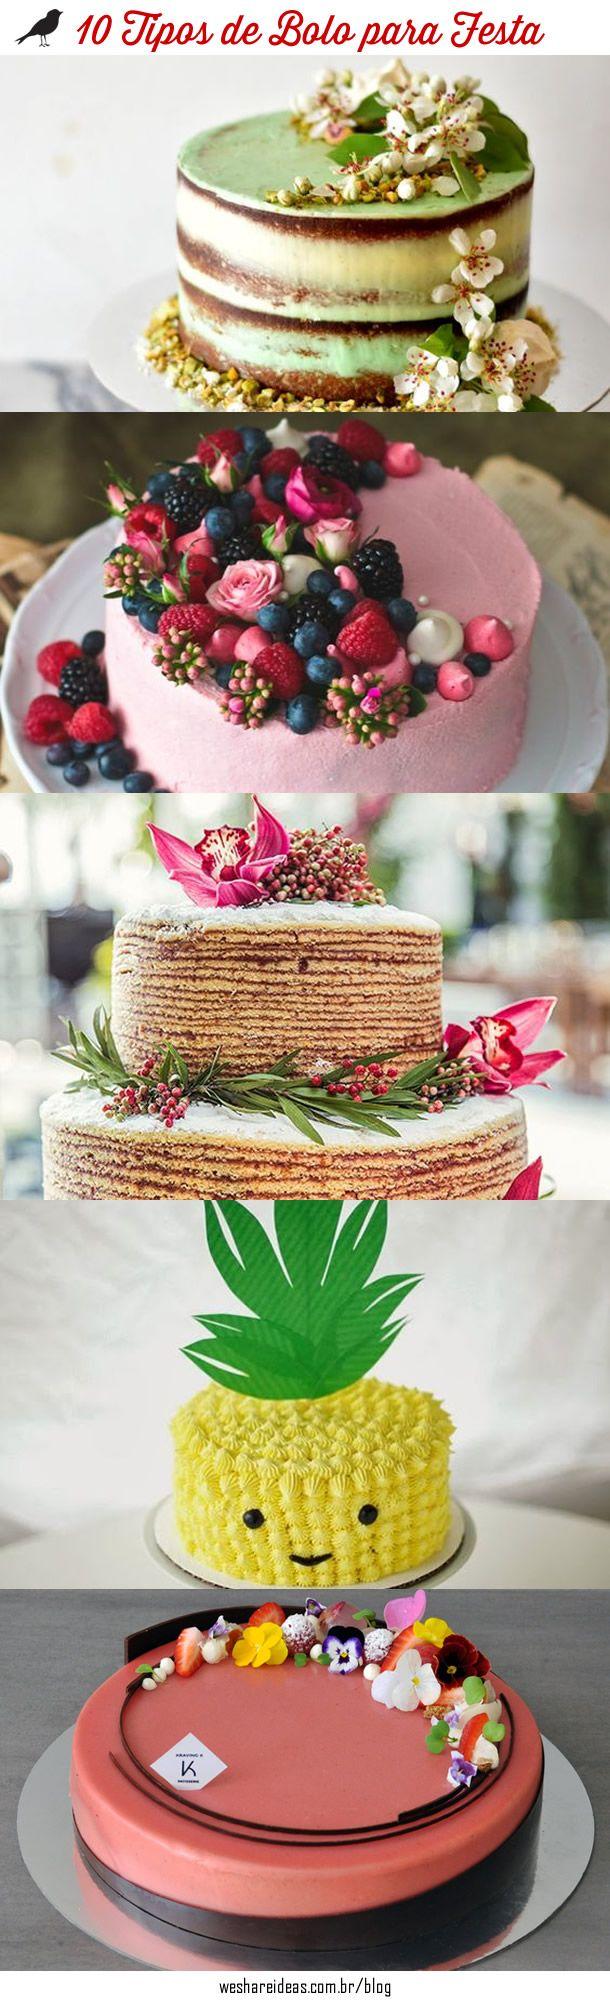 10 tipos de bolos para festa.